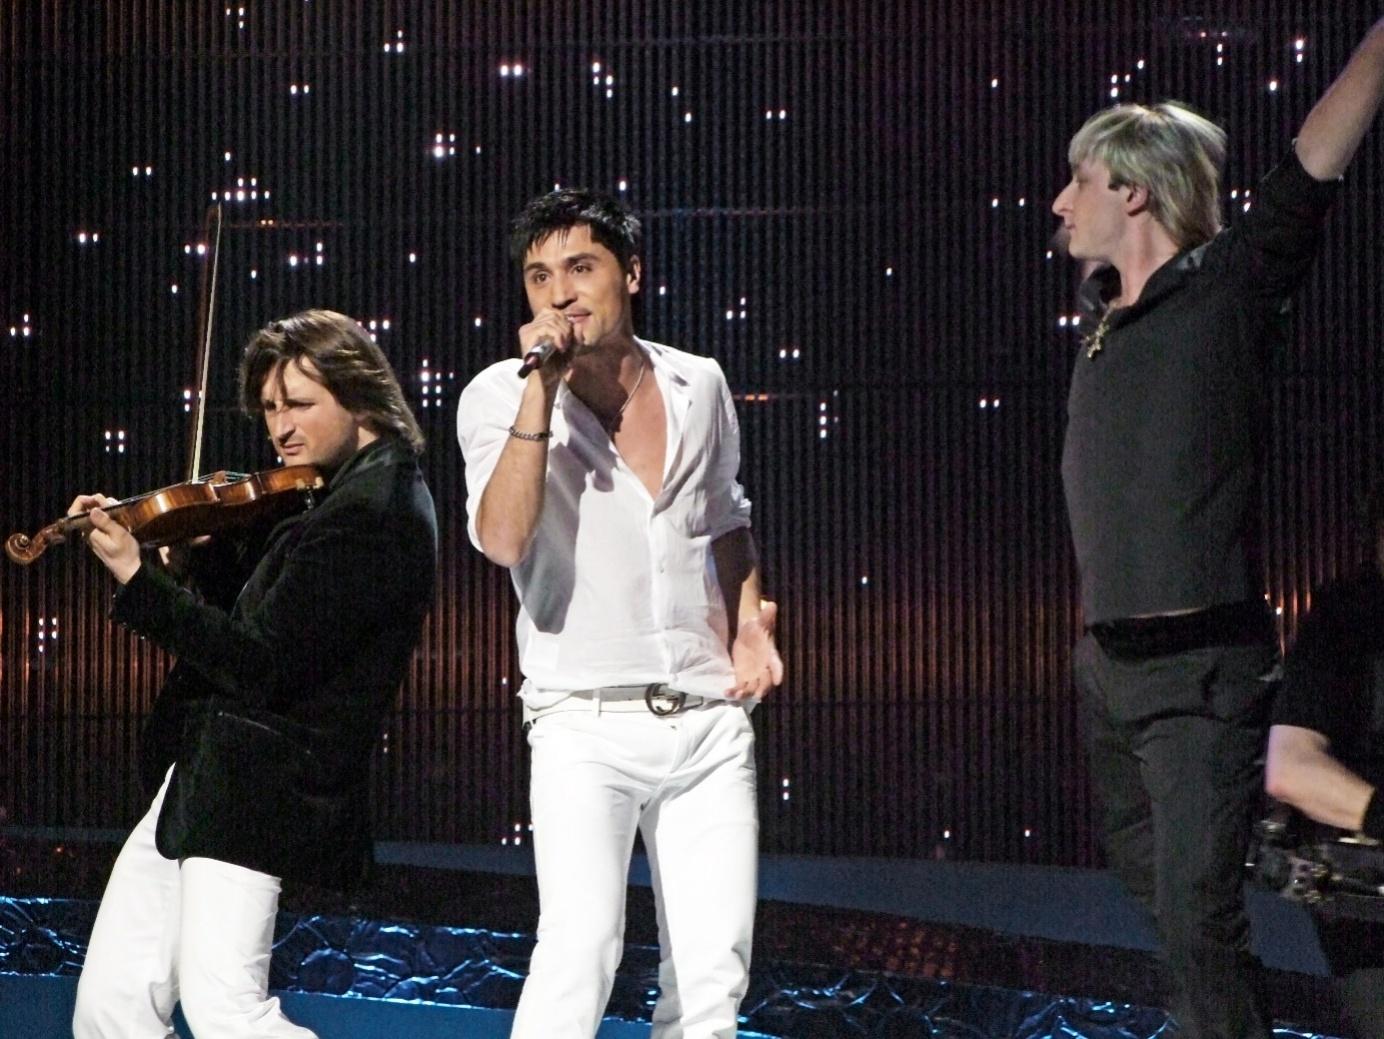 Заради перемоги Діми Білана на «Євробаченні-2008» Росія не пошкодувала коштів